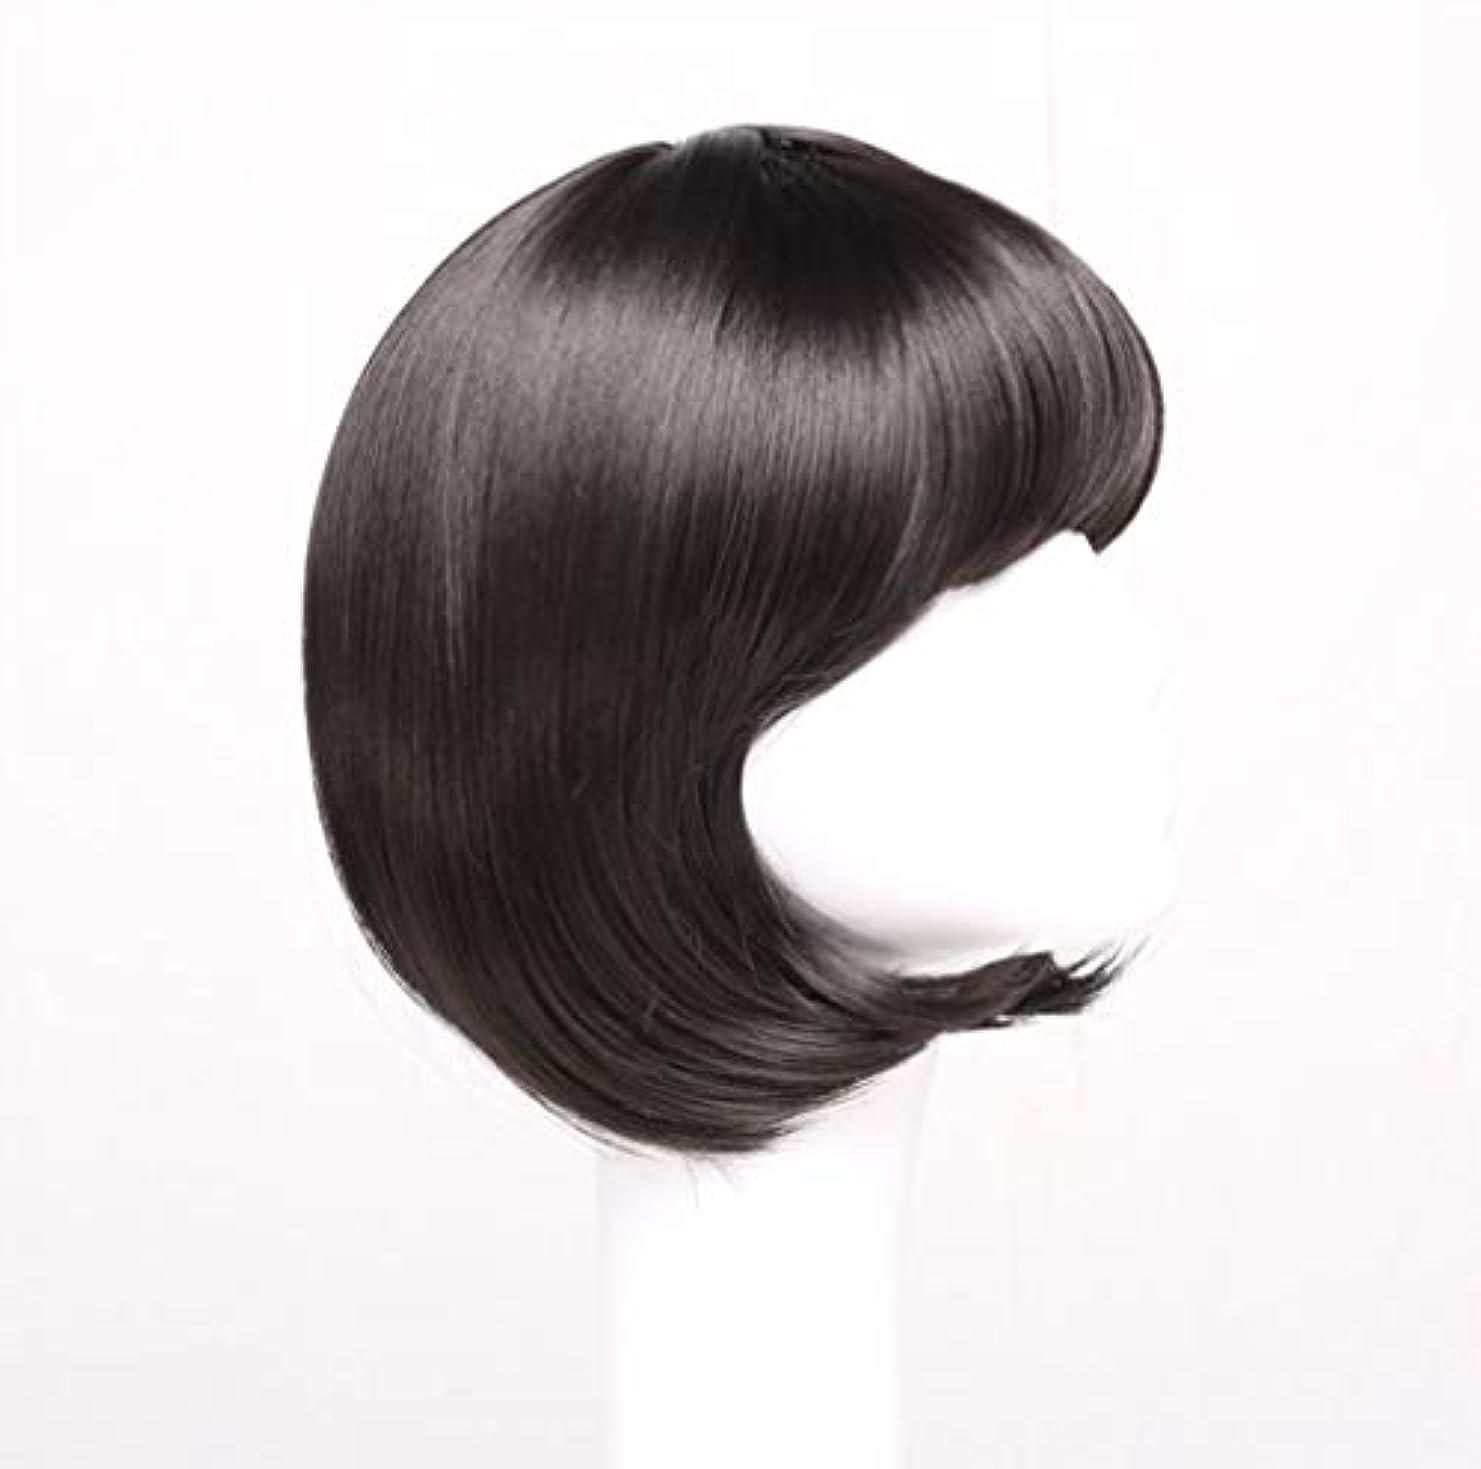 モデレータ岩パラシュート女性かつらショートボブ波状マイクロ巻き毛合成毎日パーティーかつらとして本物の髪+無料かつらキャップ